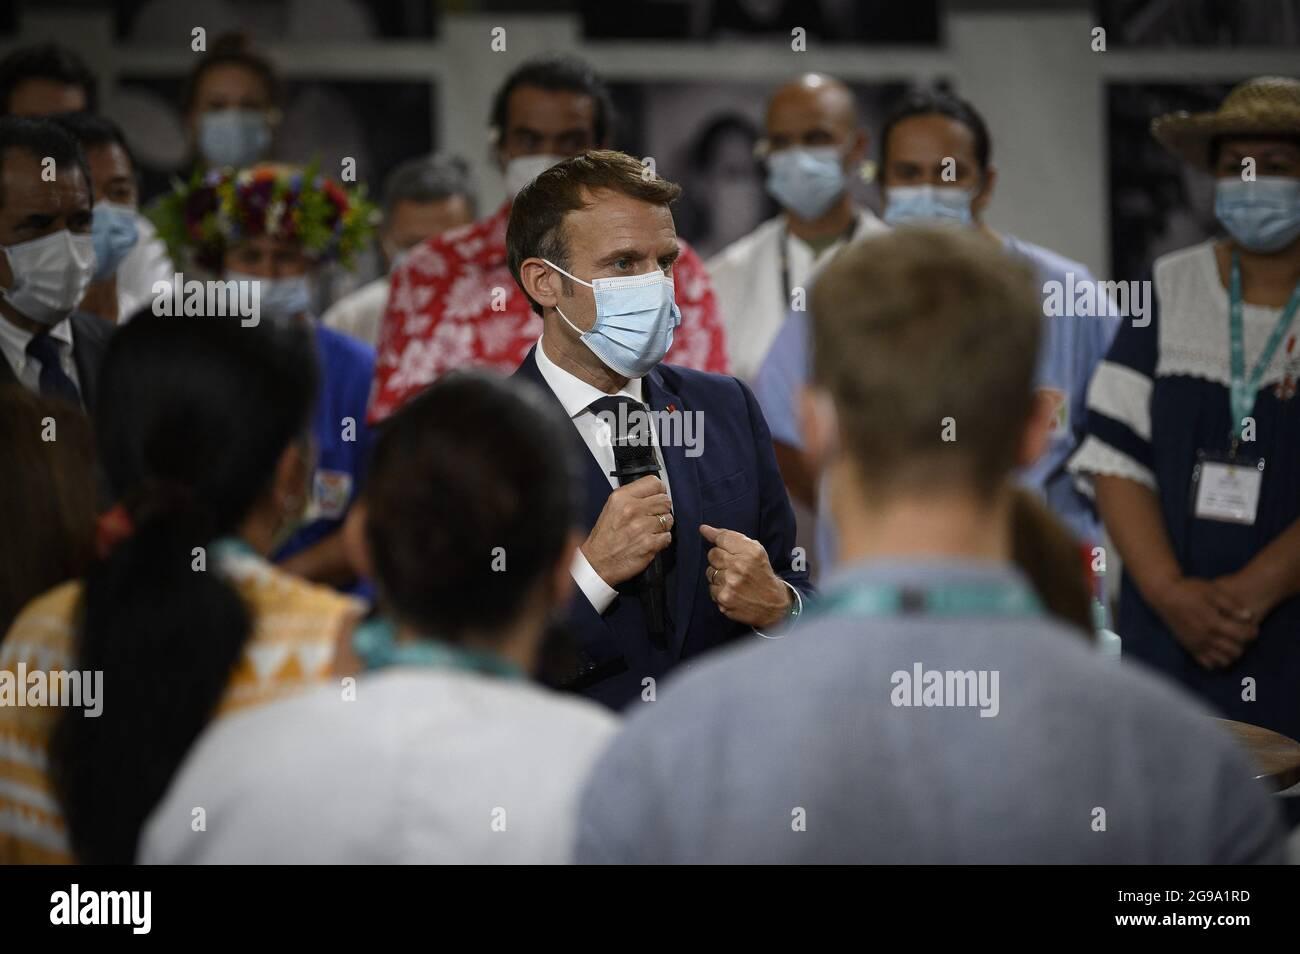 Frankreichs Präsident Emmanuel Macron (C) spricht mit Ärzten und Krankenschwestern, die im Krankenhaus von Französisch-Polynesien in Papeete arbeiten, nachdem er am 24. Juli 2021 zu einem Besuch in Tahiti in Französisch-Polynesien angekommen war. Foto von Eliot Blondt/ABACAPRESS.COM Stockfoto